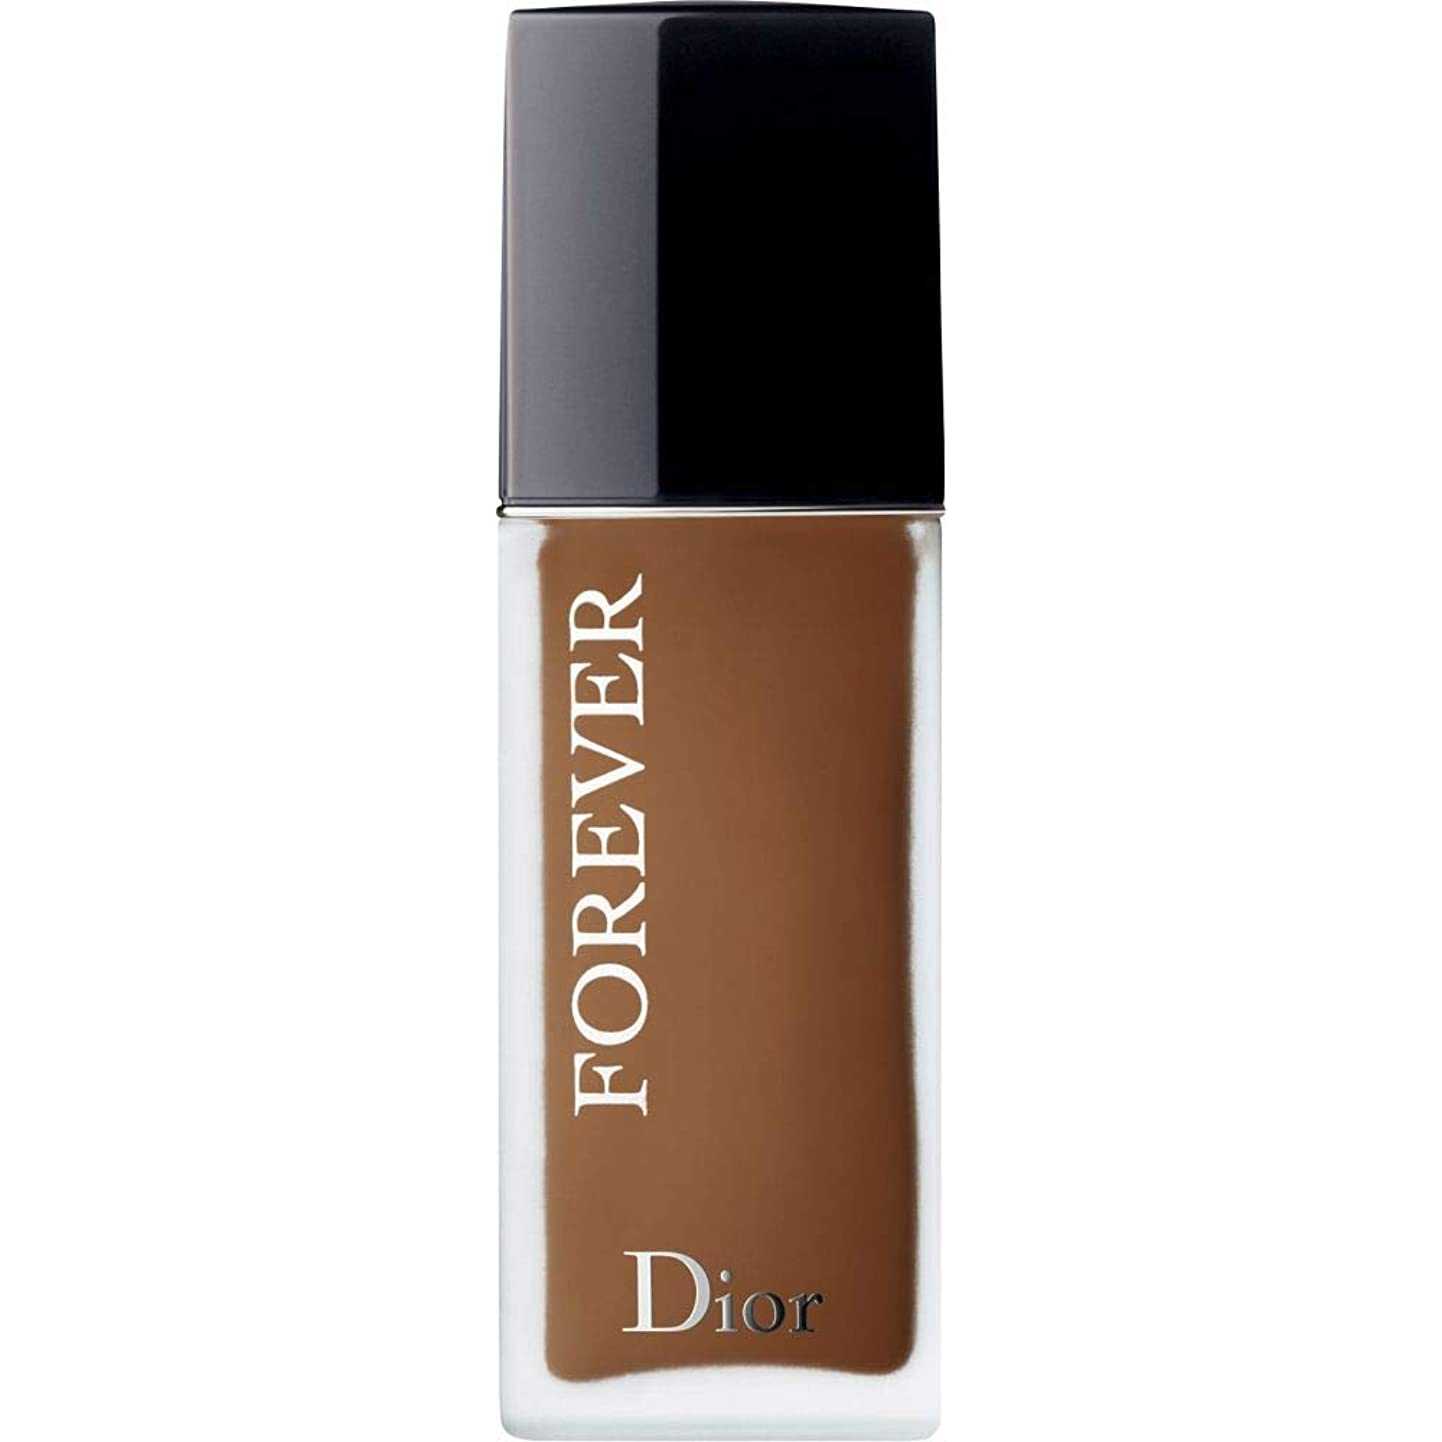 誠意小切手リーズ[Dior ] ディオール永遠皮膚思いやりの基盤Spf35 30ミリリットルの7.5N - ニュートラル(つや消し) - DIOR Forever Skin-Caring Foundation SPF35 30ml 7.5N - Neutral (Matte) [並行輸入品]